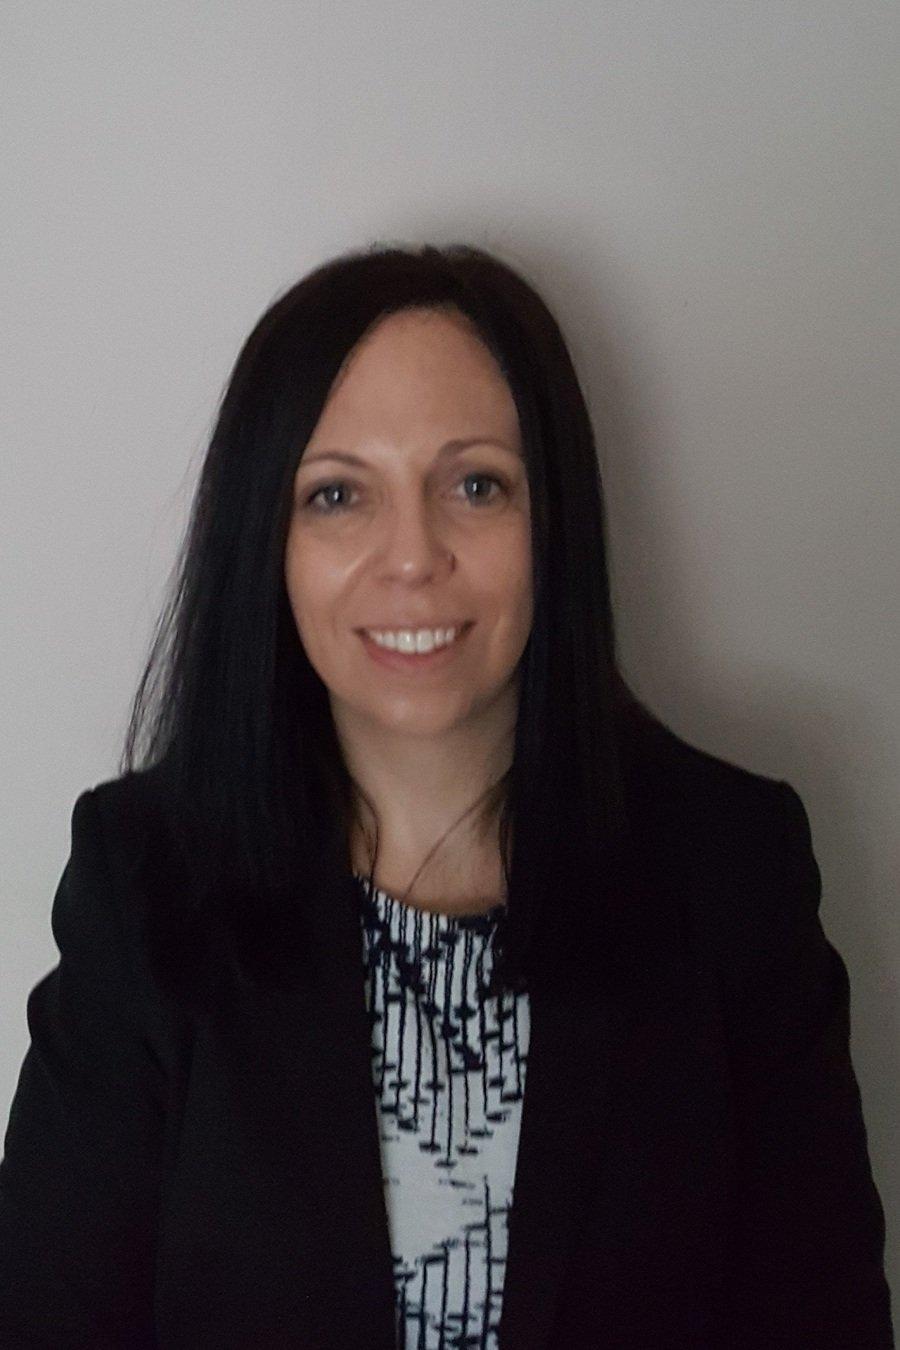 Nicola Winstanley - CFO